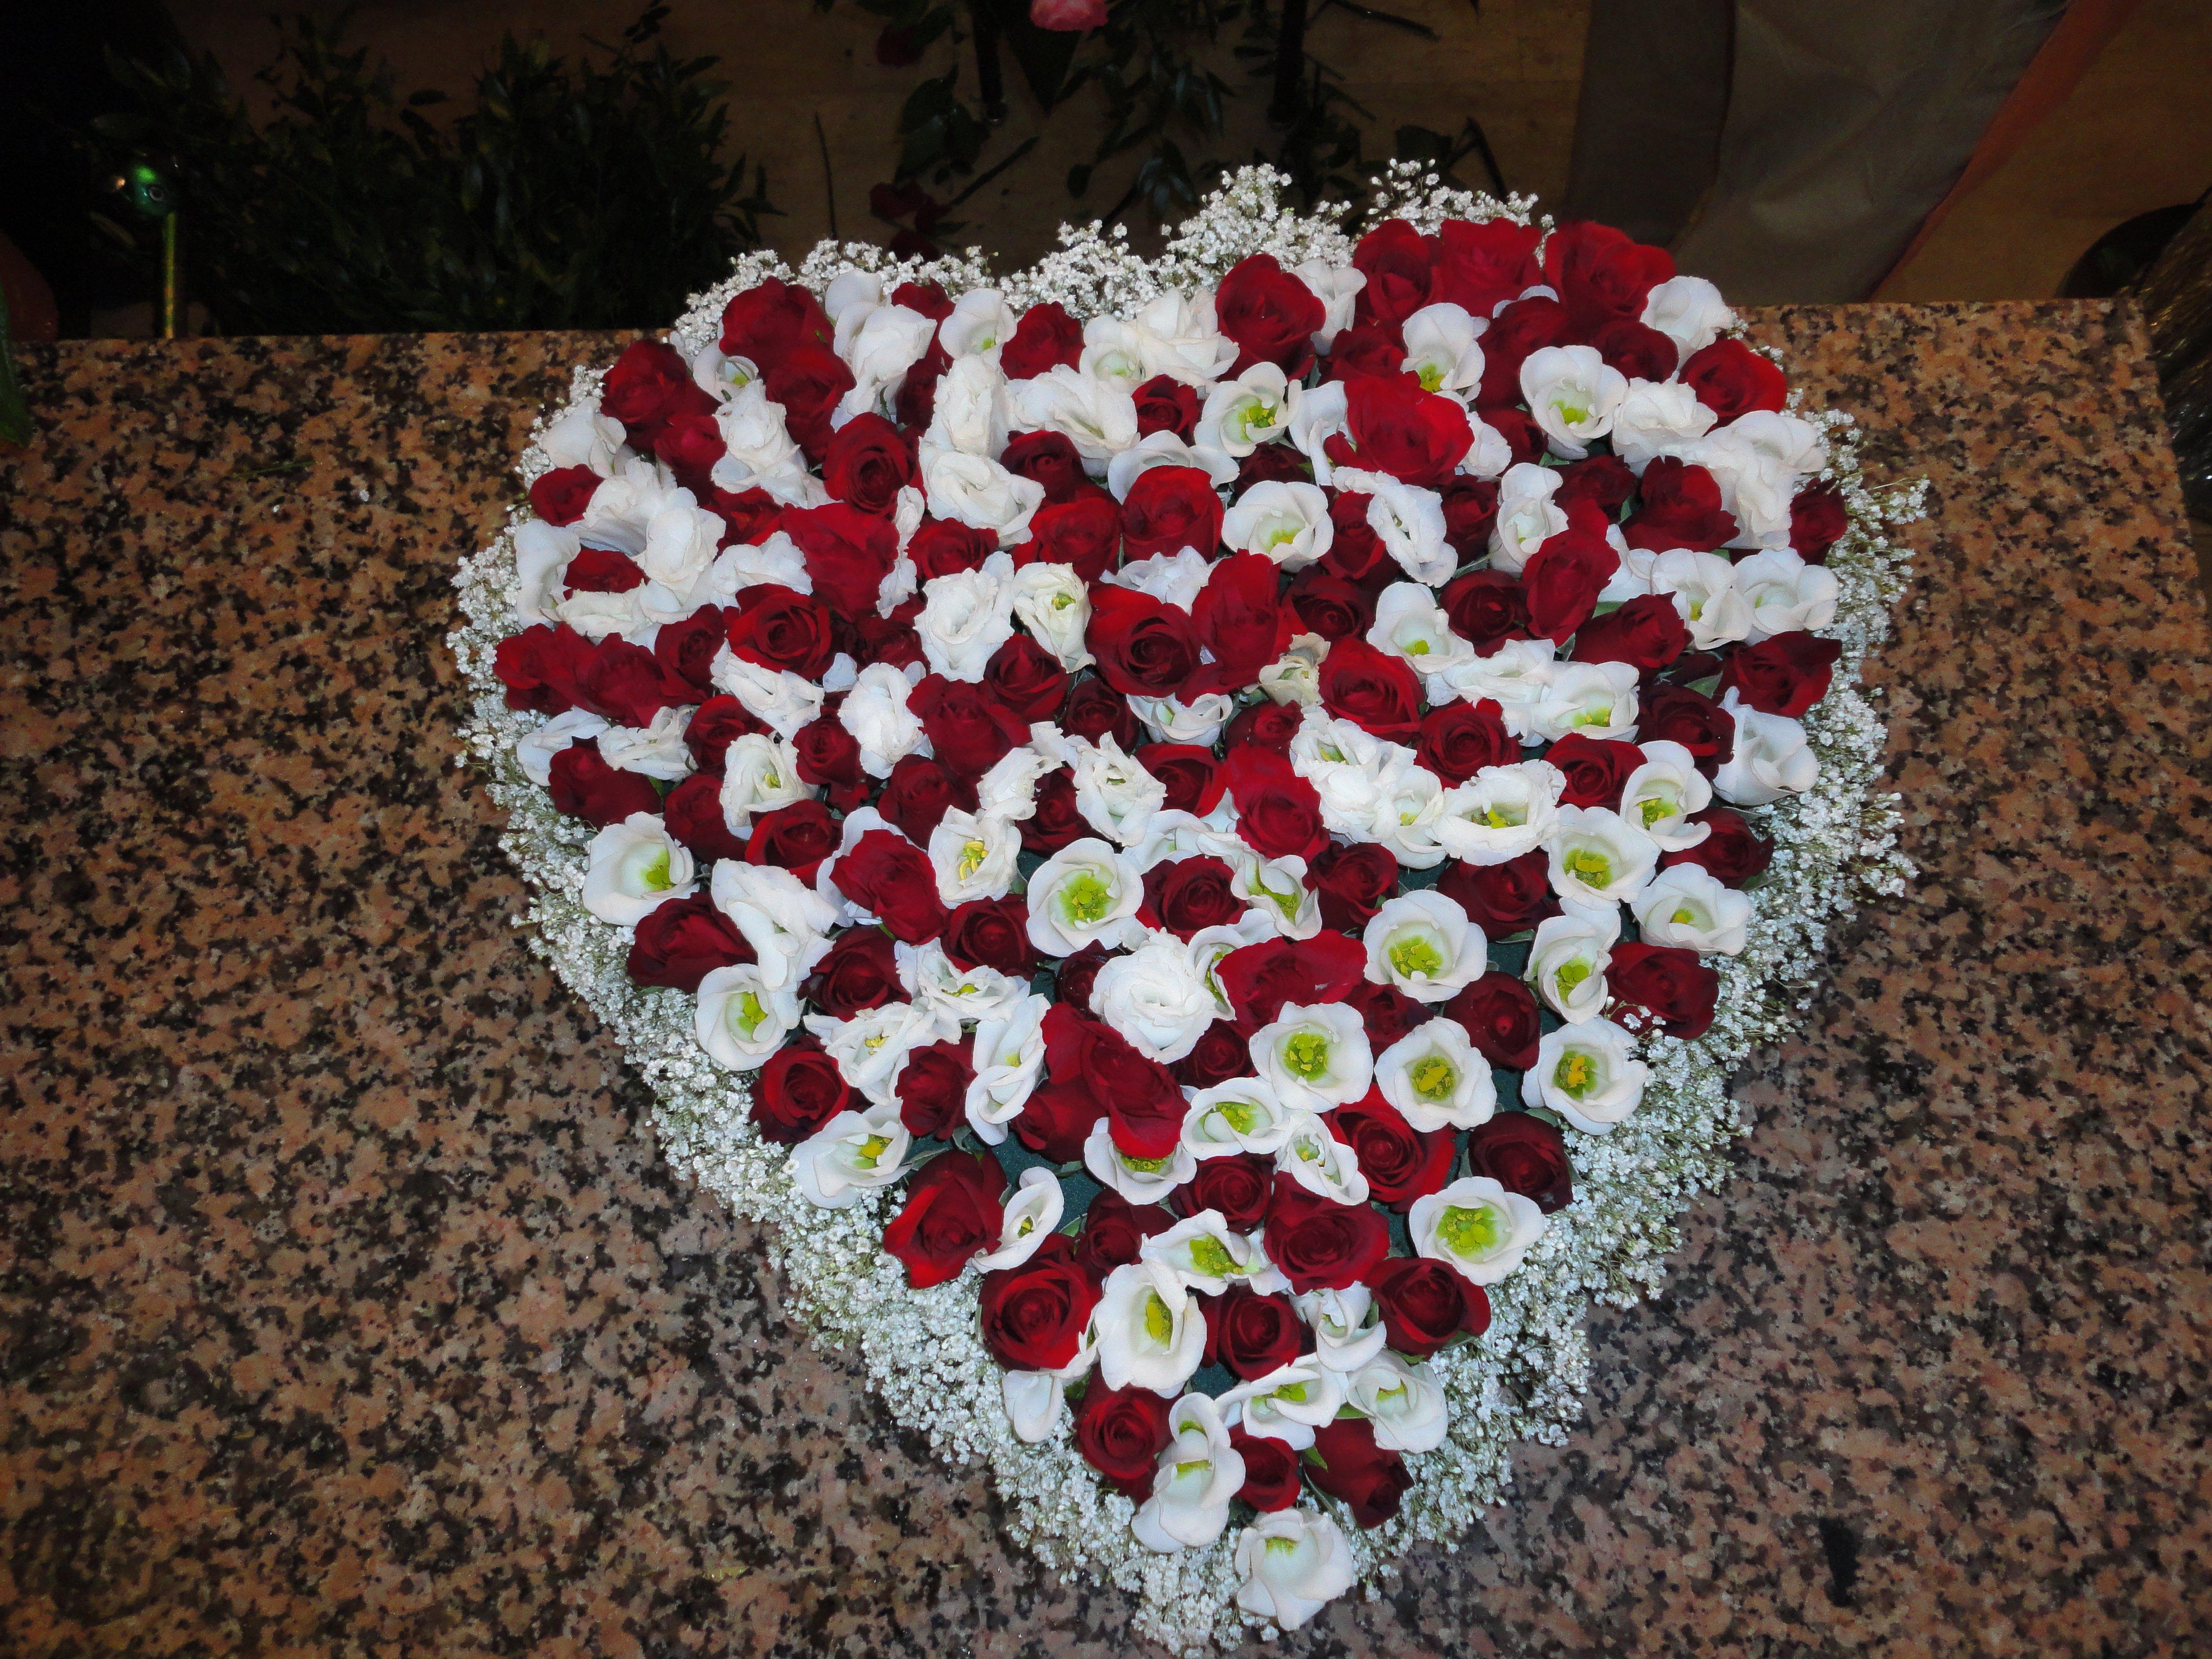 cuore di fiori per funerale